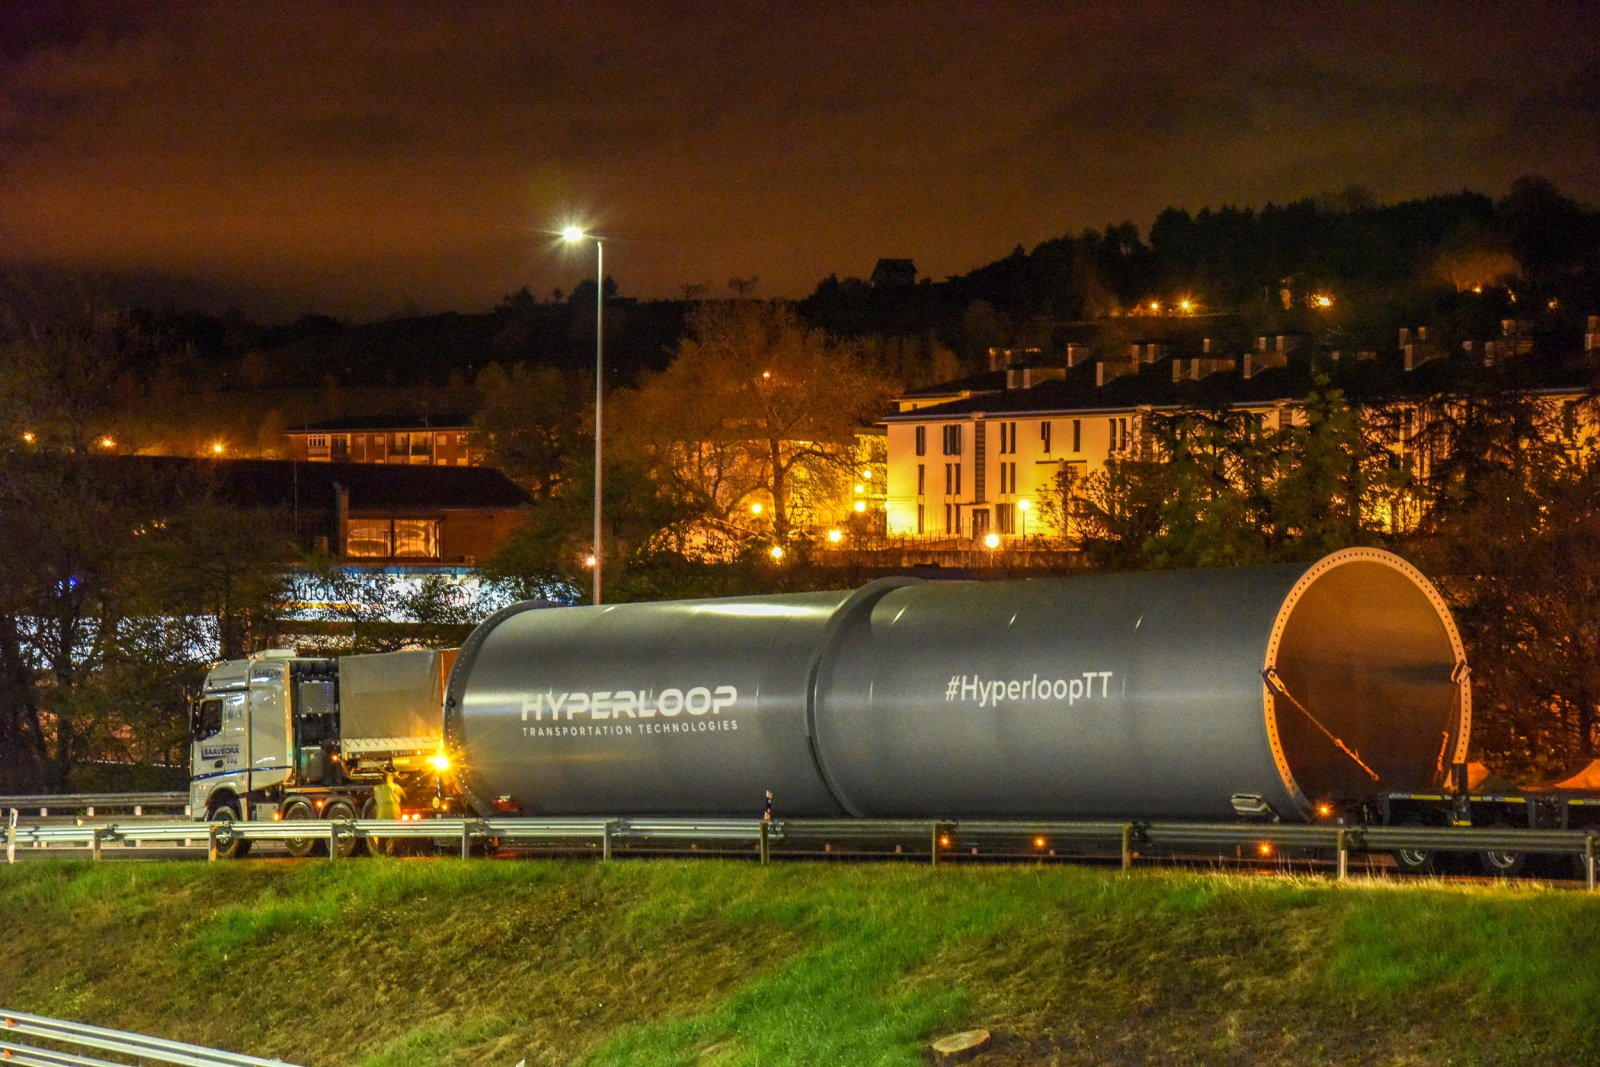 Hyperloop планирует построить первую ветку в Абу-Даби в 2019 году - 5